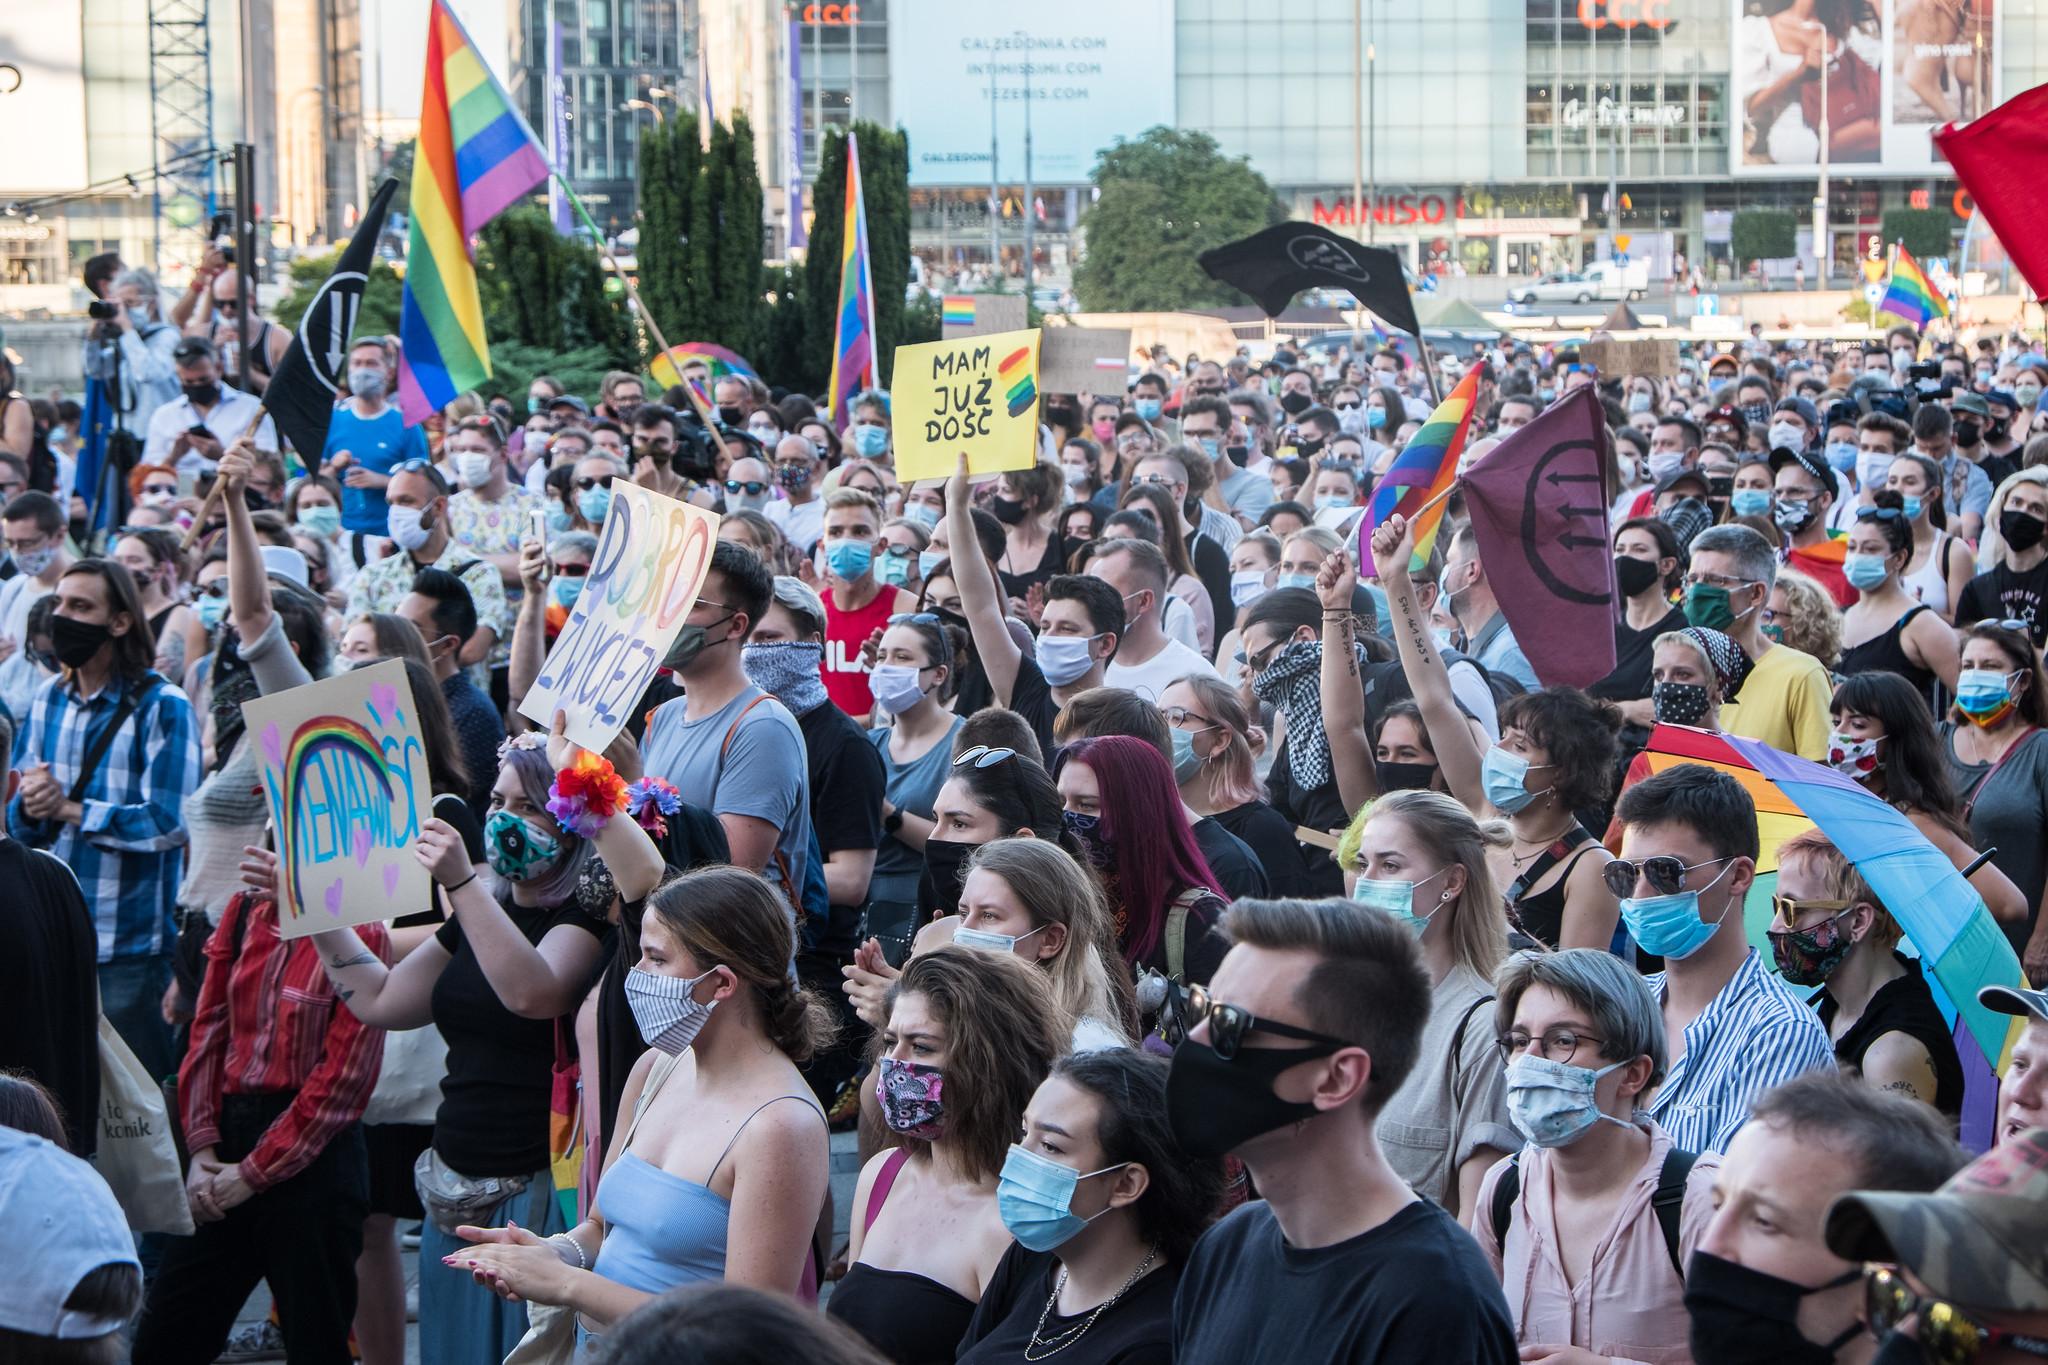 """© Grzegorz Żukowski / O cartaz no centro diz algo como """"Estou farto"""", durante o protesto solidário para com os manifestantes LGBT+ detidos e contra a homofobia em Varsóvia, depois dos acontecimentos em Varsóvia do dia anterior, em que a polícia prendeu a ativista LGBT+ Margot e deteve mais umas dezenas de pessoas. 8 de agosto de 2020, Varsóvia"""